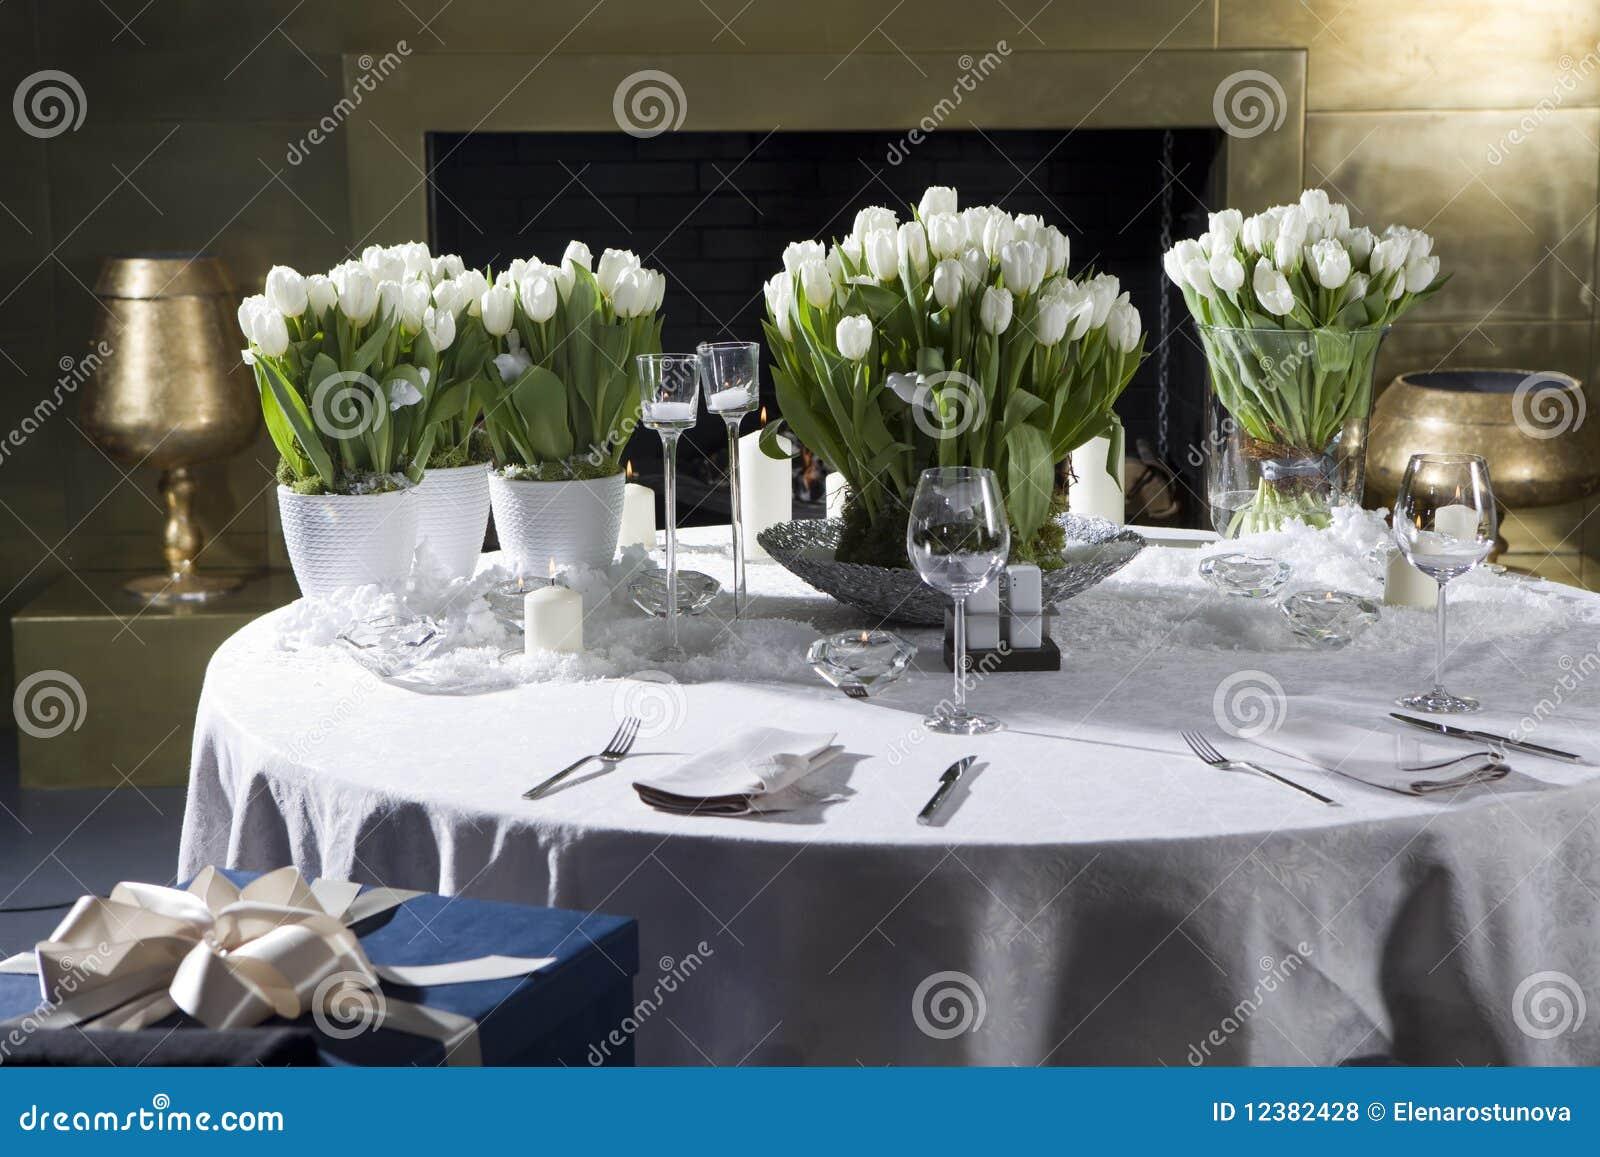 Decoratie voor op eettafel